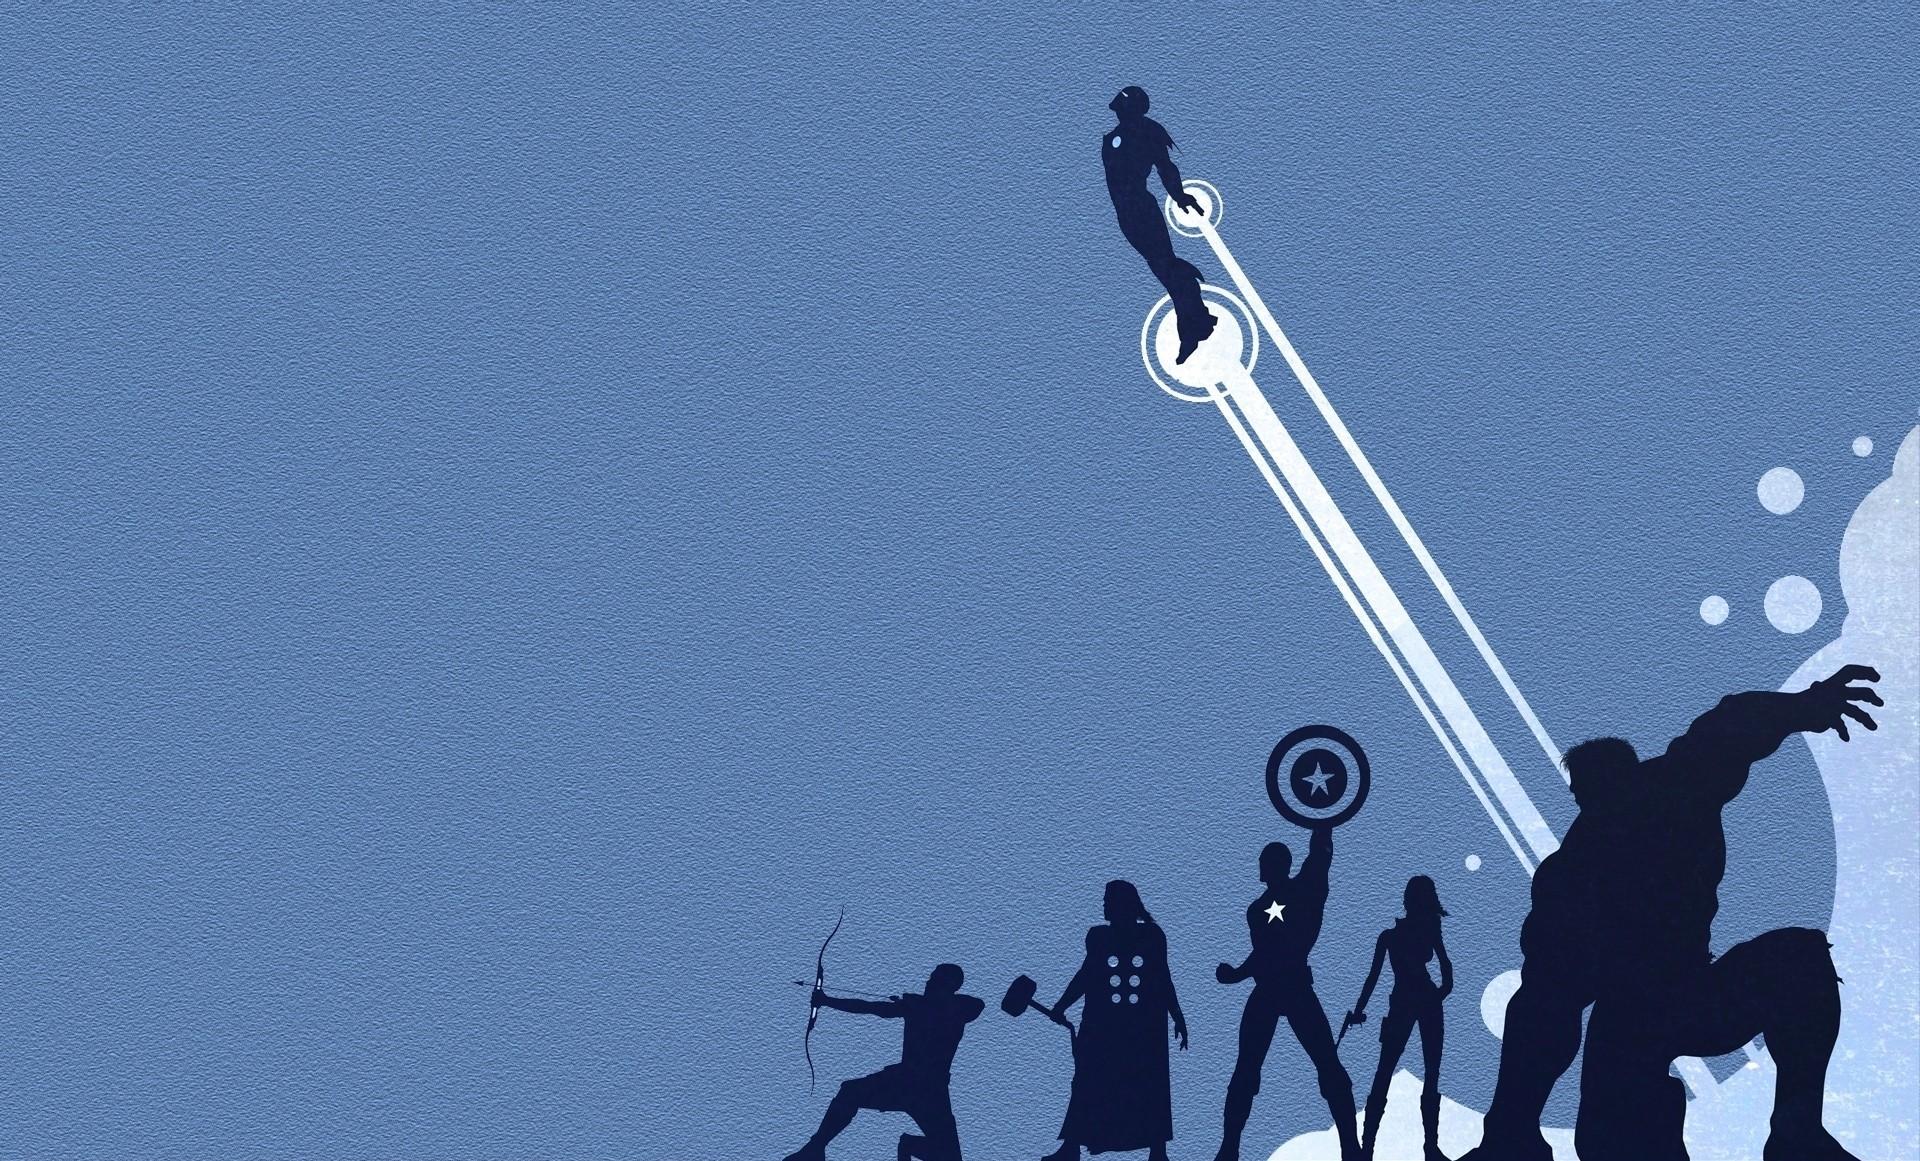 Marvel Minimalistic Artwork Superheroes